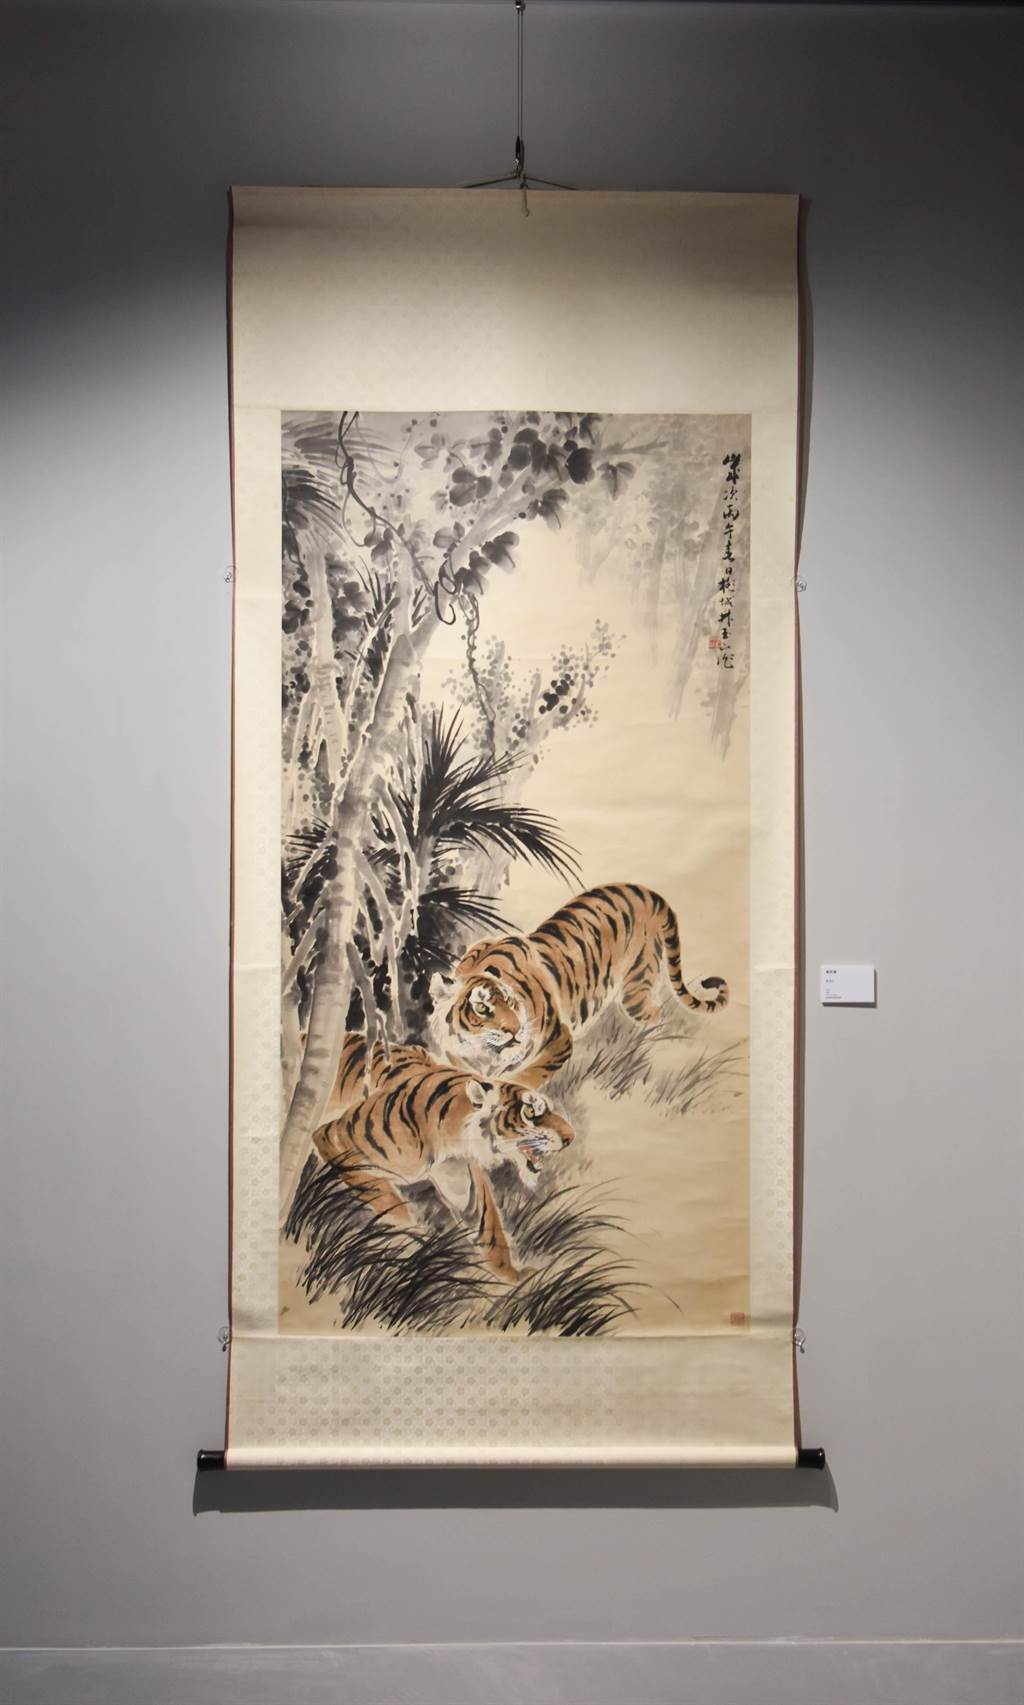 史博館借展的林玉山《雙虎圖》。(台師大提供)